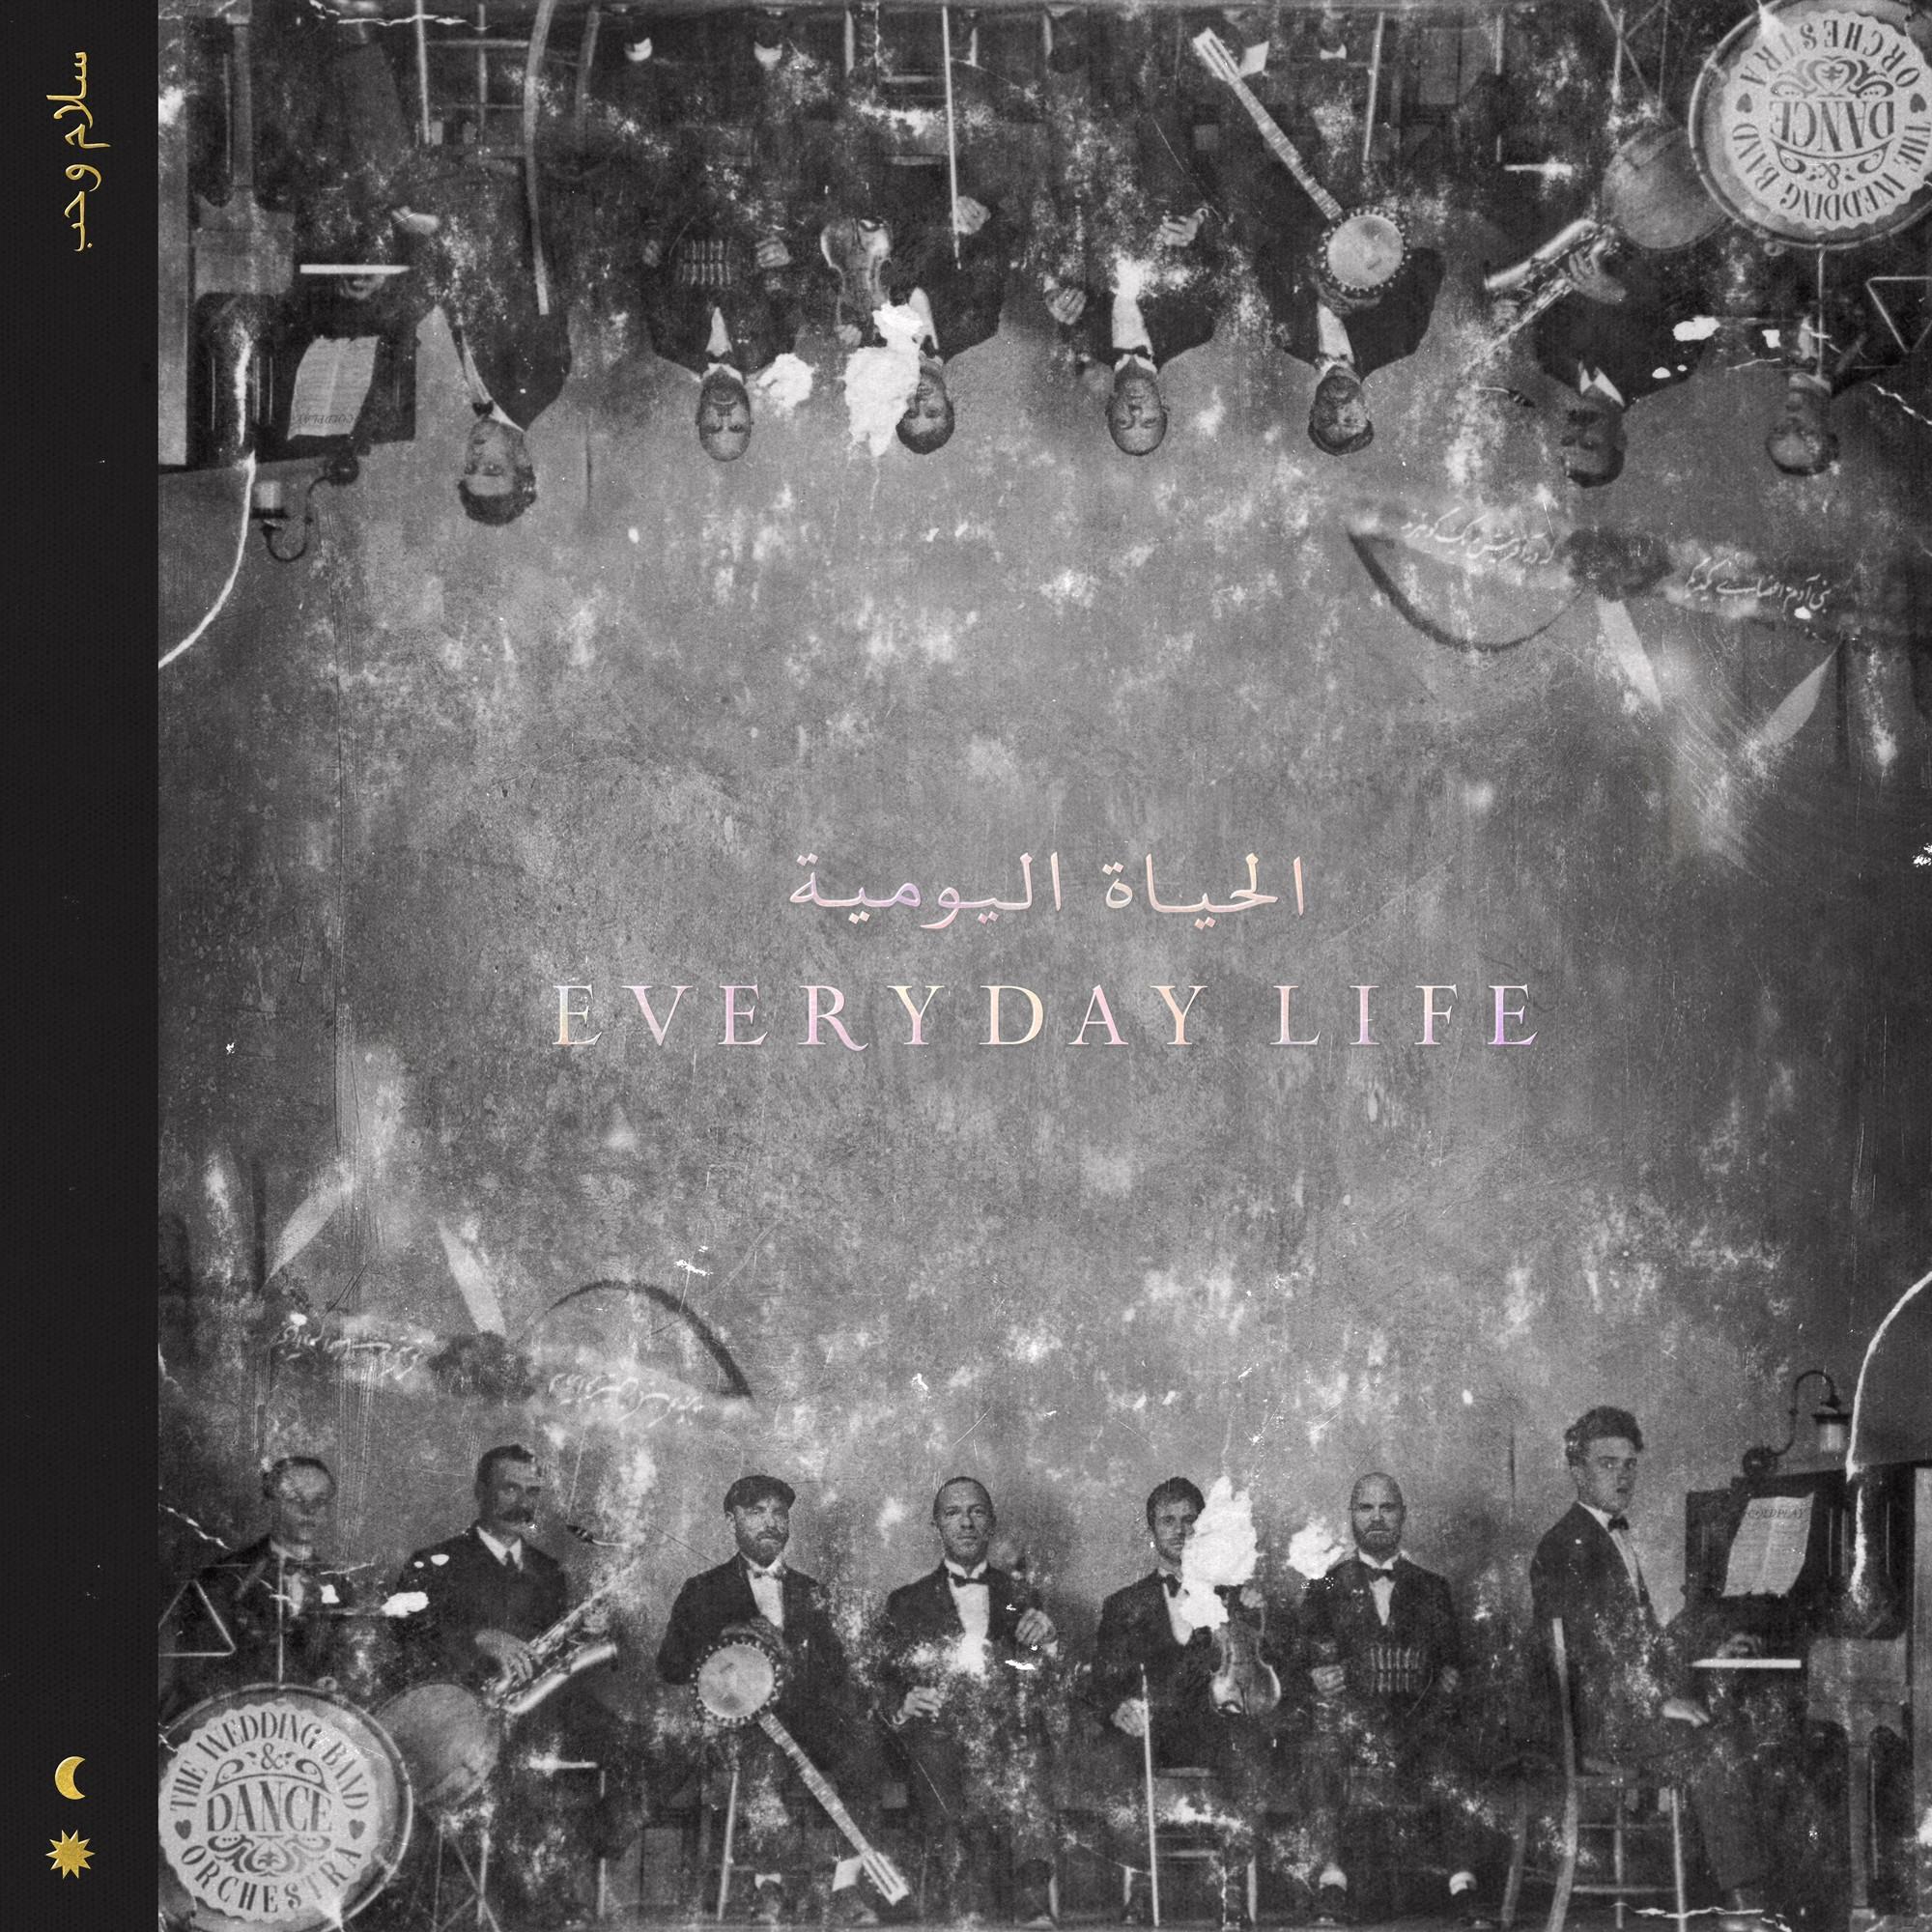 Capa do álbum Everyday Life, do Coldplay. A imagem principal é toda em preto e branco. Nas extremidades inferiores, existe uma fotografia da banda que se repete em cima (de cabeça para baixo) e embaixo. Ao centro, está escrito o título do álbum numa fonte serifada em caixa alta, num tom de rosa claro. Em cima do título em inglês, existe também o título do álbum em árabe, na mesma cor. No lado esquerdo da capa do álbum, existe uma faixa vertical de mais ou menos 1cm de espessura. No lado superior dela, existe outro inscrito em persa colorido em amarelo. Na parte de baixo da faixa, existem dois ícones, um de lua e outro de sol, seguidos um do outro, em amarelo.